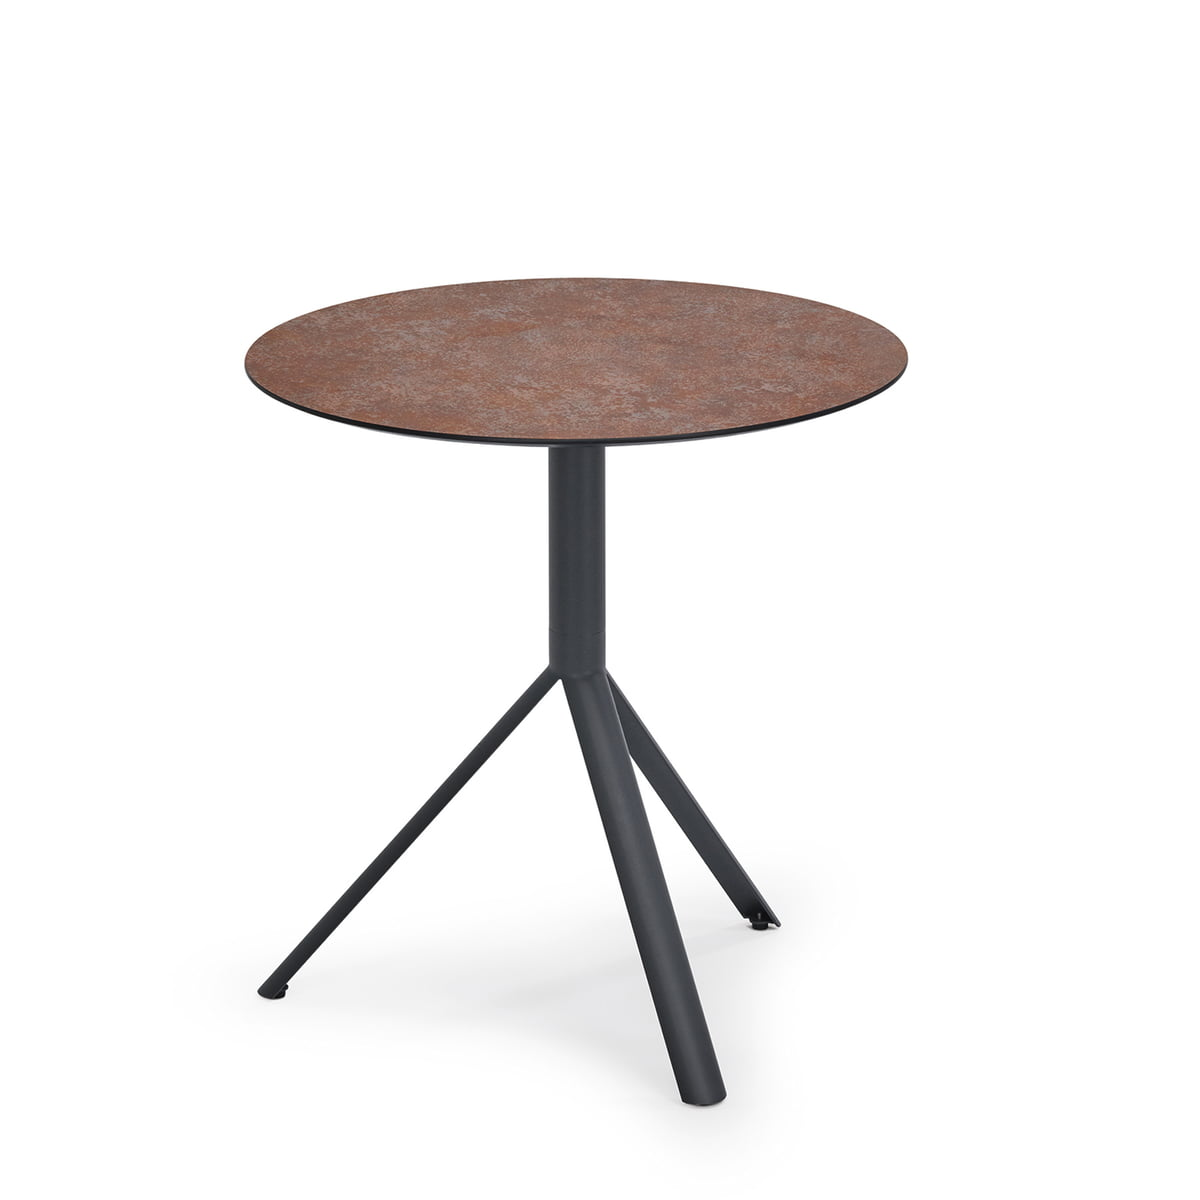 tisch rund 70 cm durchmesser hay terrazzo tisch rund cm grau hellgrau with tisch rund 70 cm. Black Bedroom Furniture Sets. Home Design Ideas